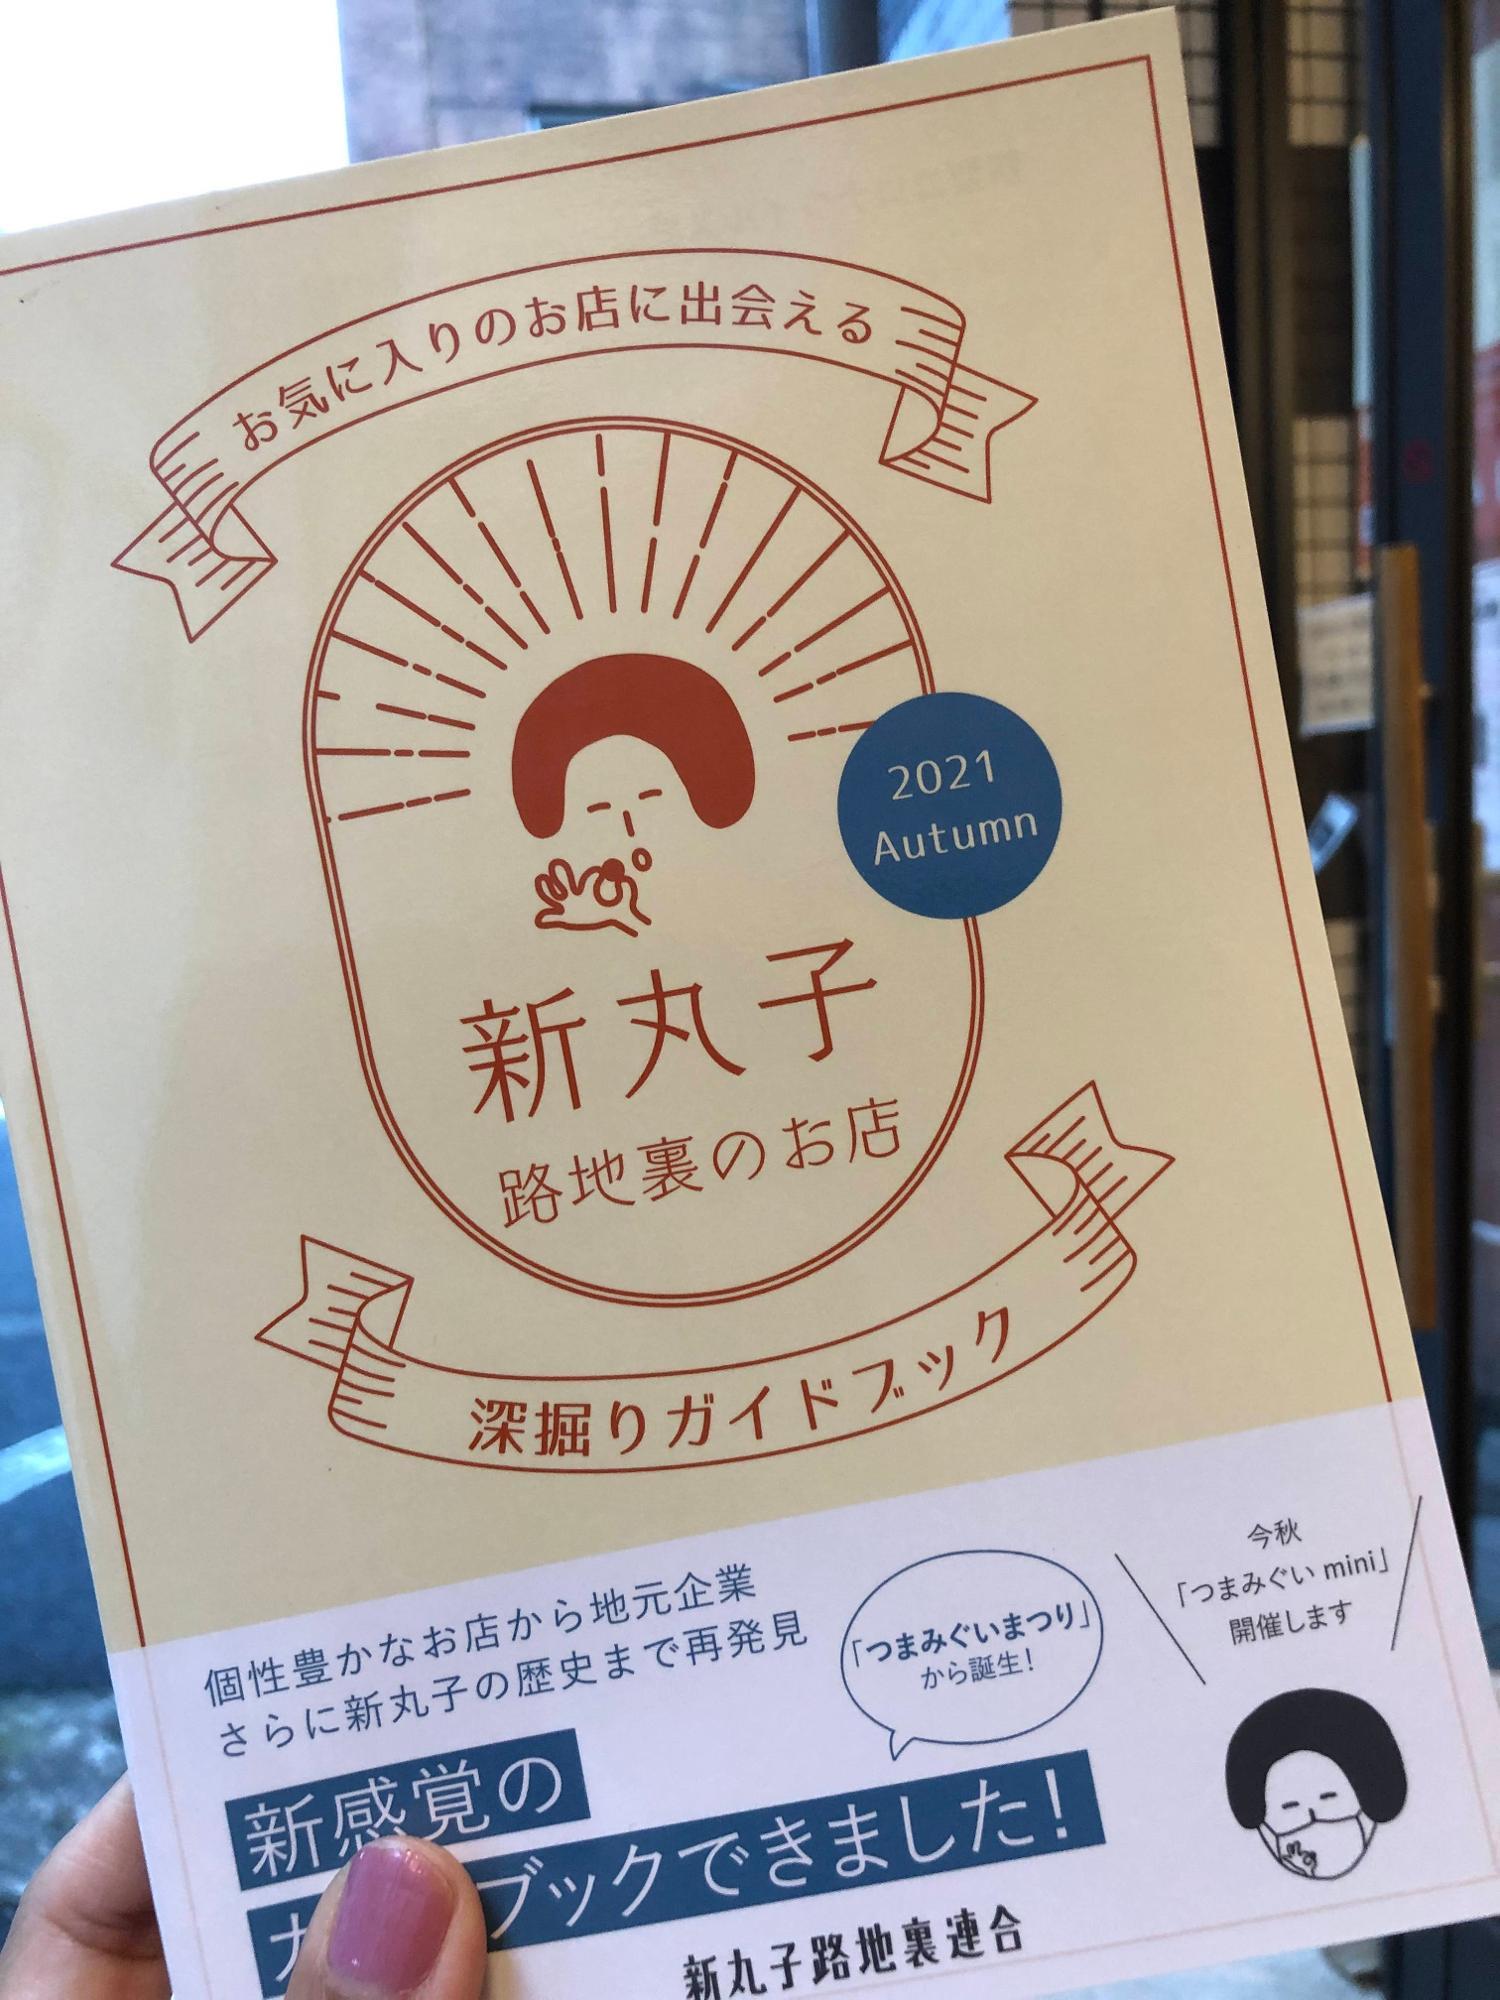 スタンプラリーに参加していなくても、このイベントに賛同しているお店のことが詳しく載っている「深掘りガイドブック」なかなかの読み応えです!